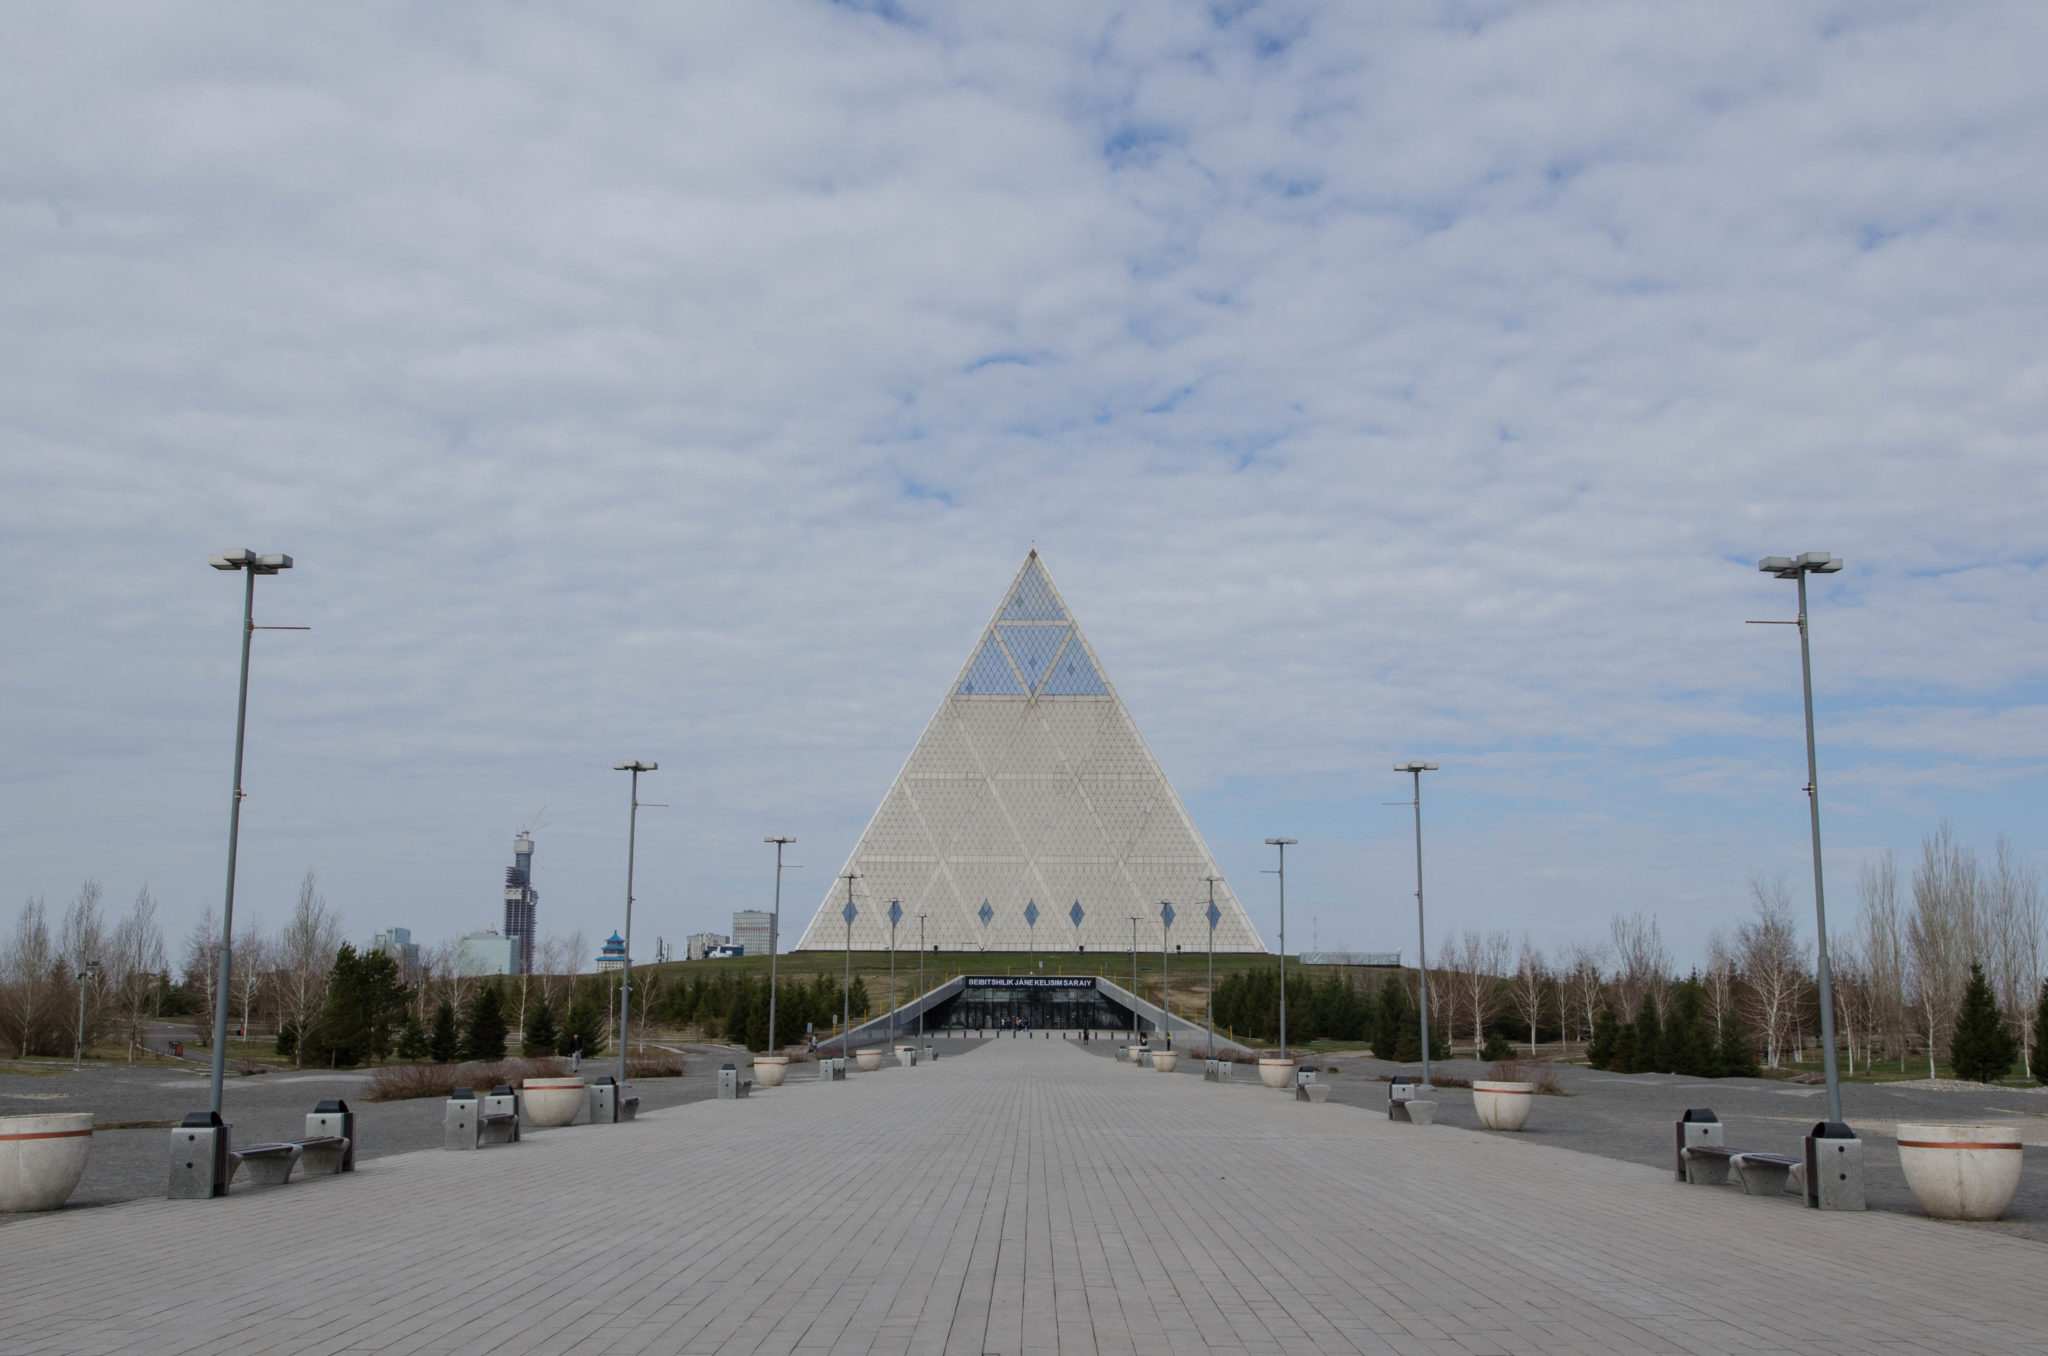 Die Pyramide des Friedens und der Eintracht in Astana